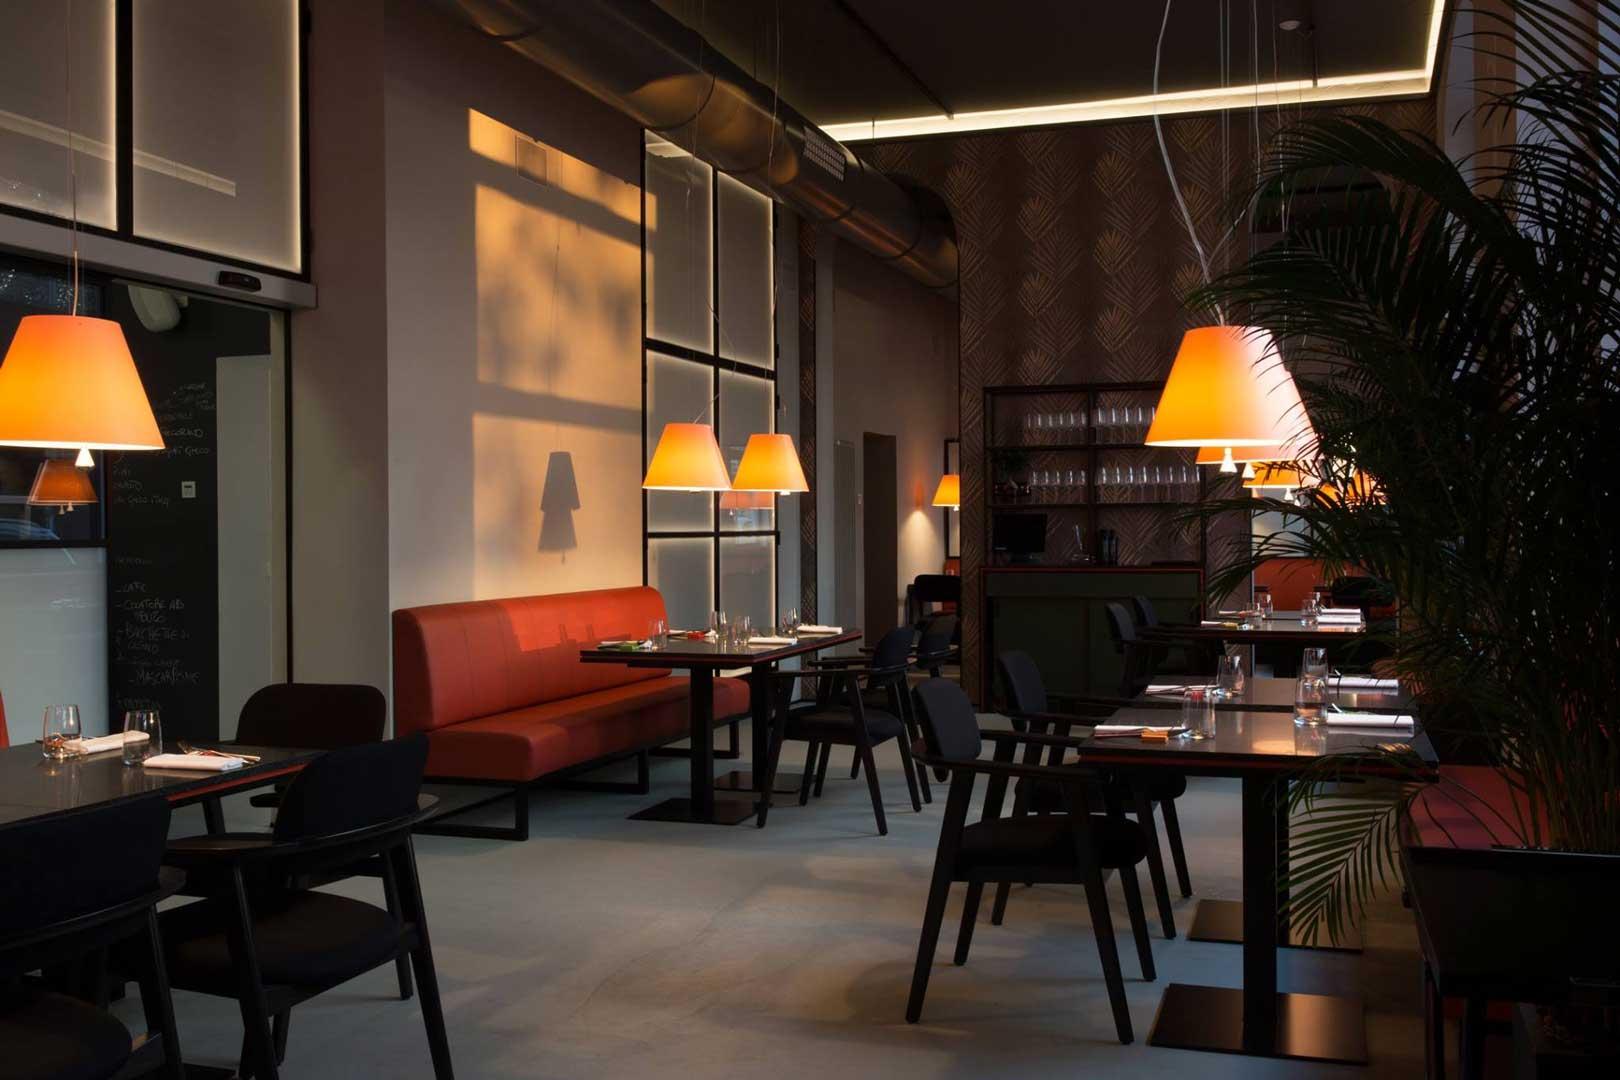 Sine Ristorante Gastrocratico - Milano